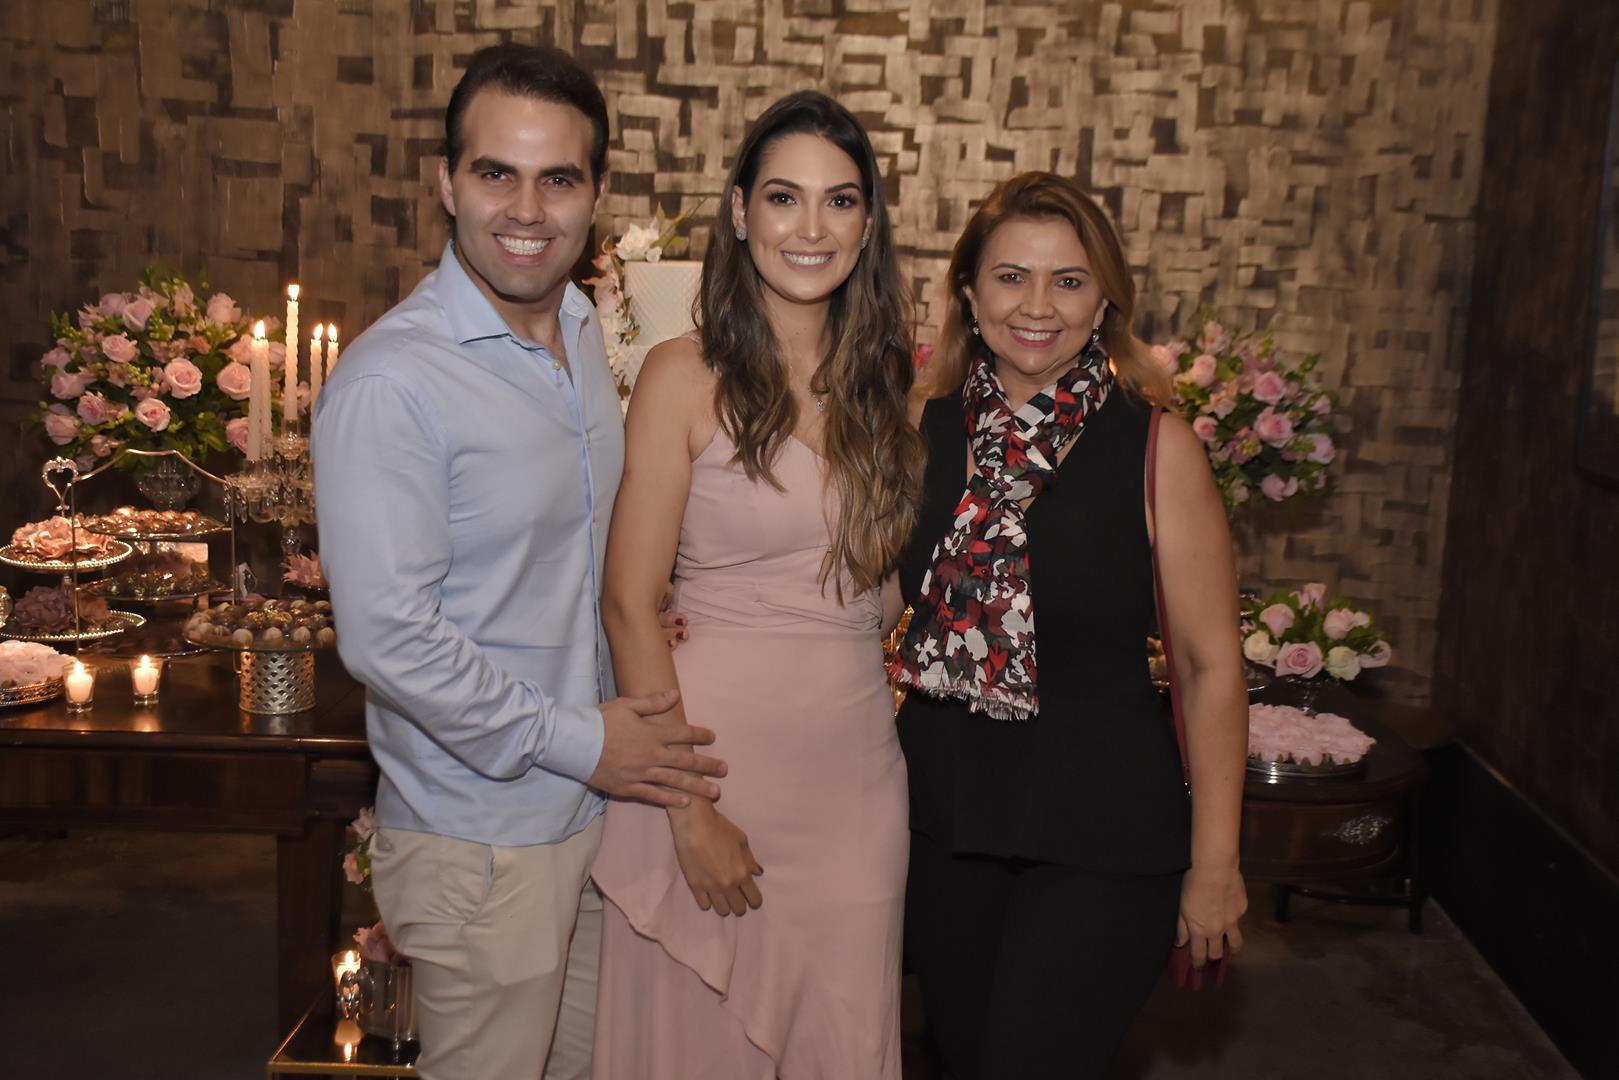 Andre Guanabara, Catarina Moreno e Simone Ramalho